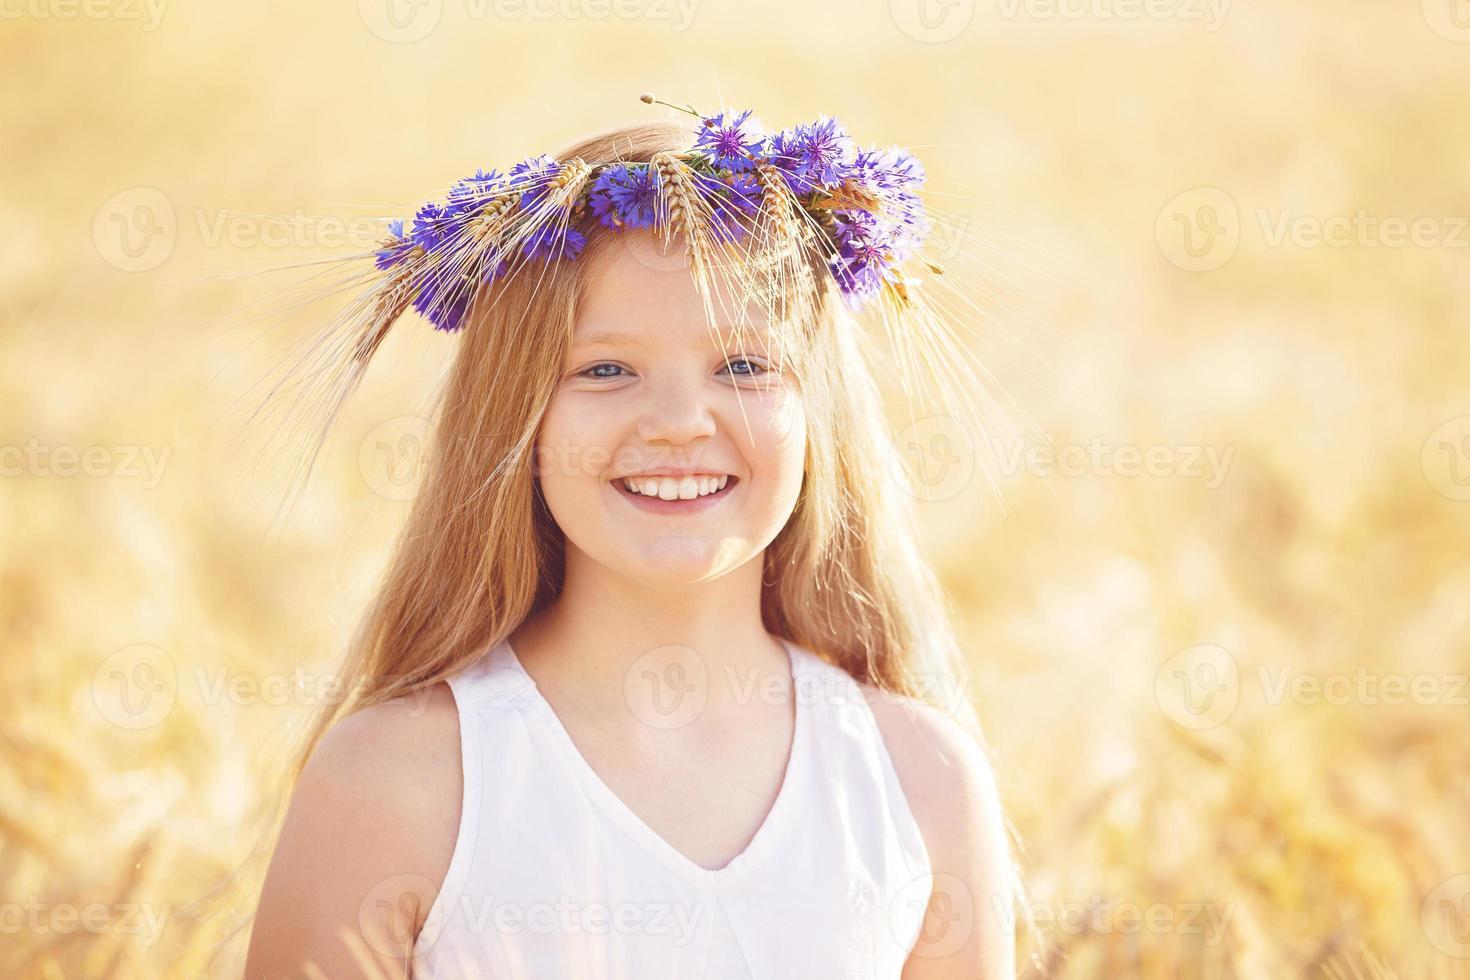 fille heureuse avec une couronne de fleurs dans le champ de blé d'été photo